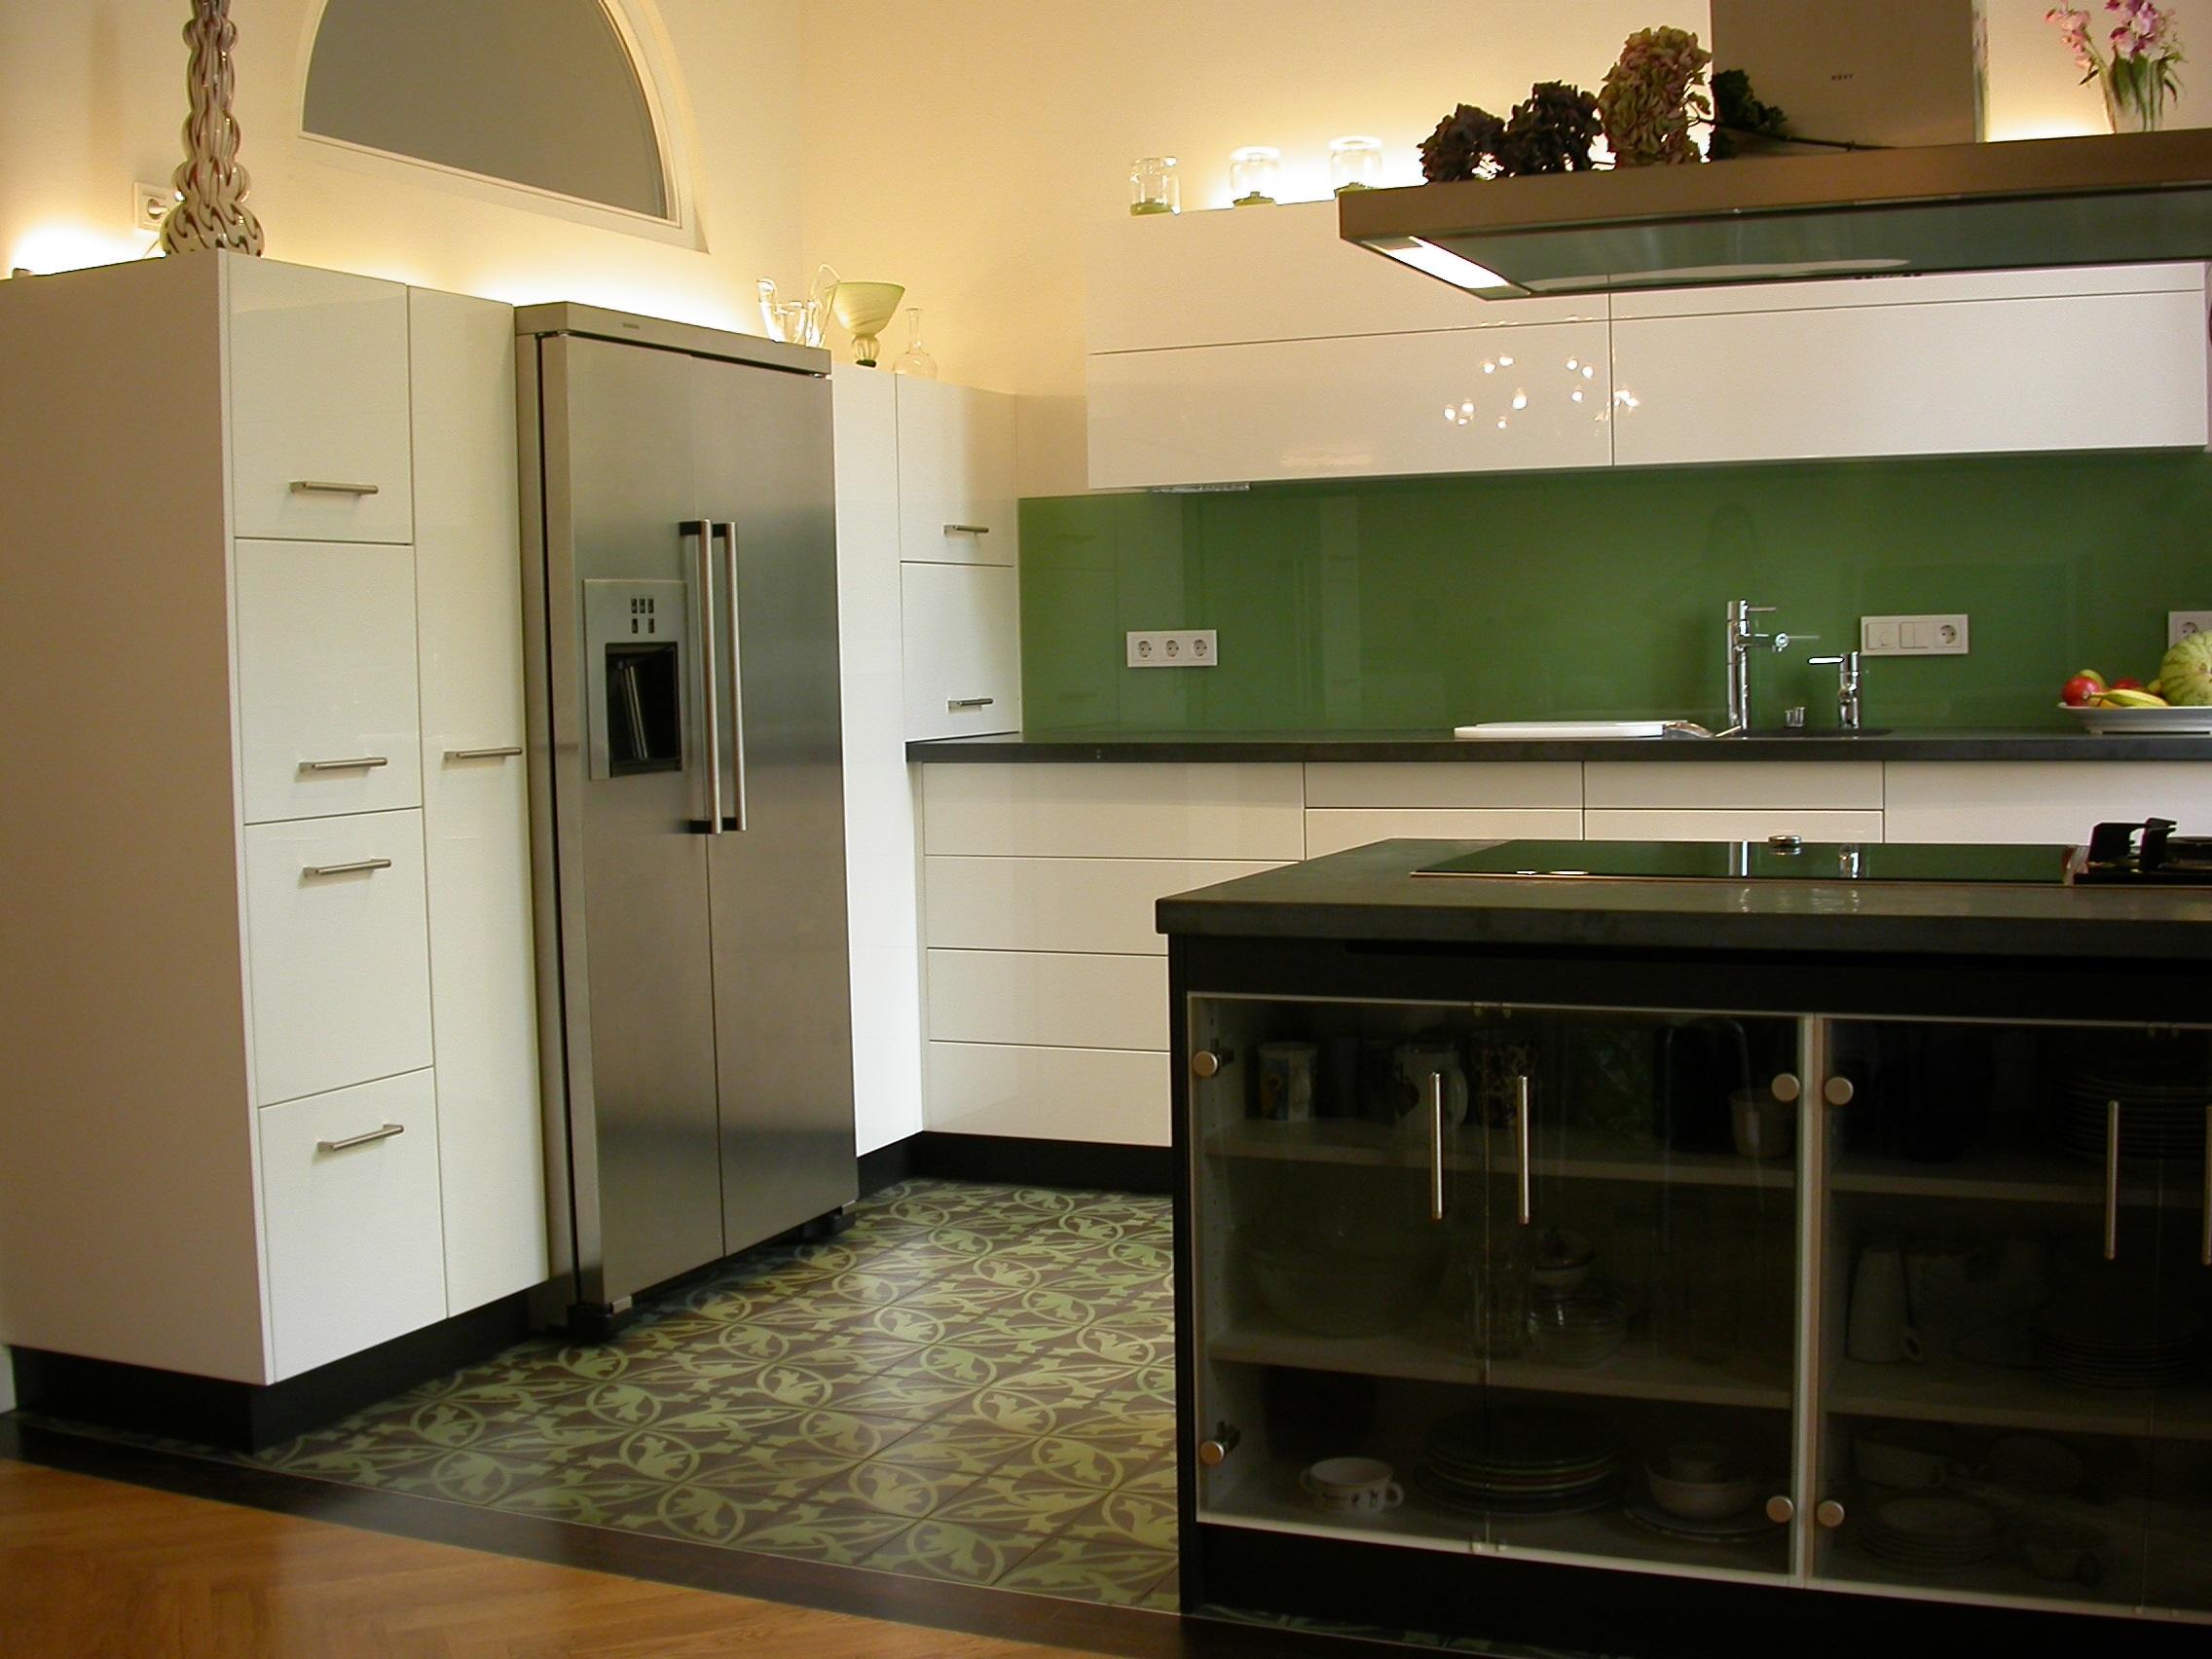 Küche Felix schwarzes MDF, weiss hochglanz, Schiefer und Glas